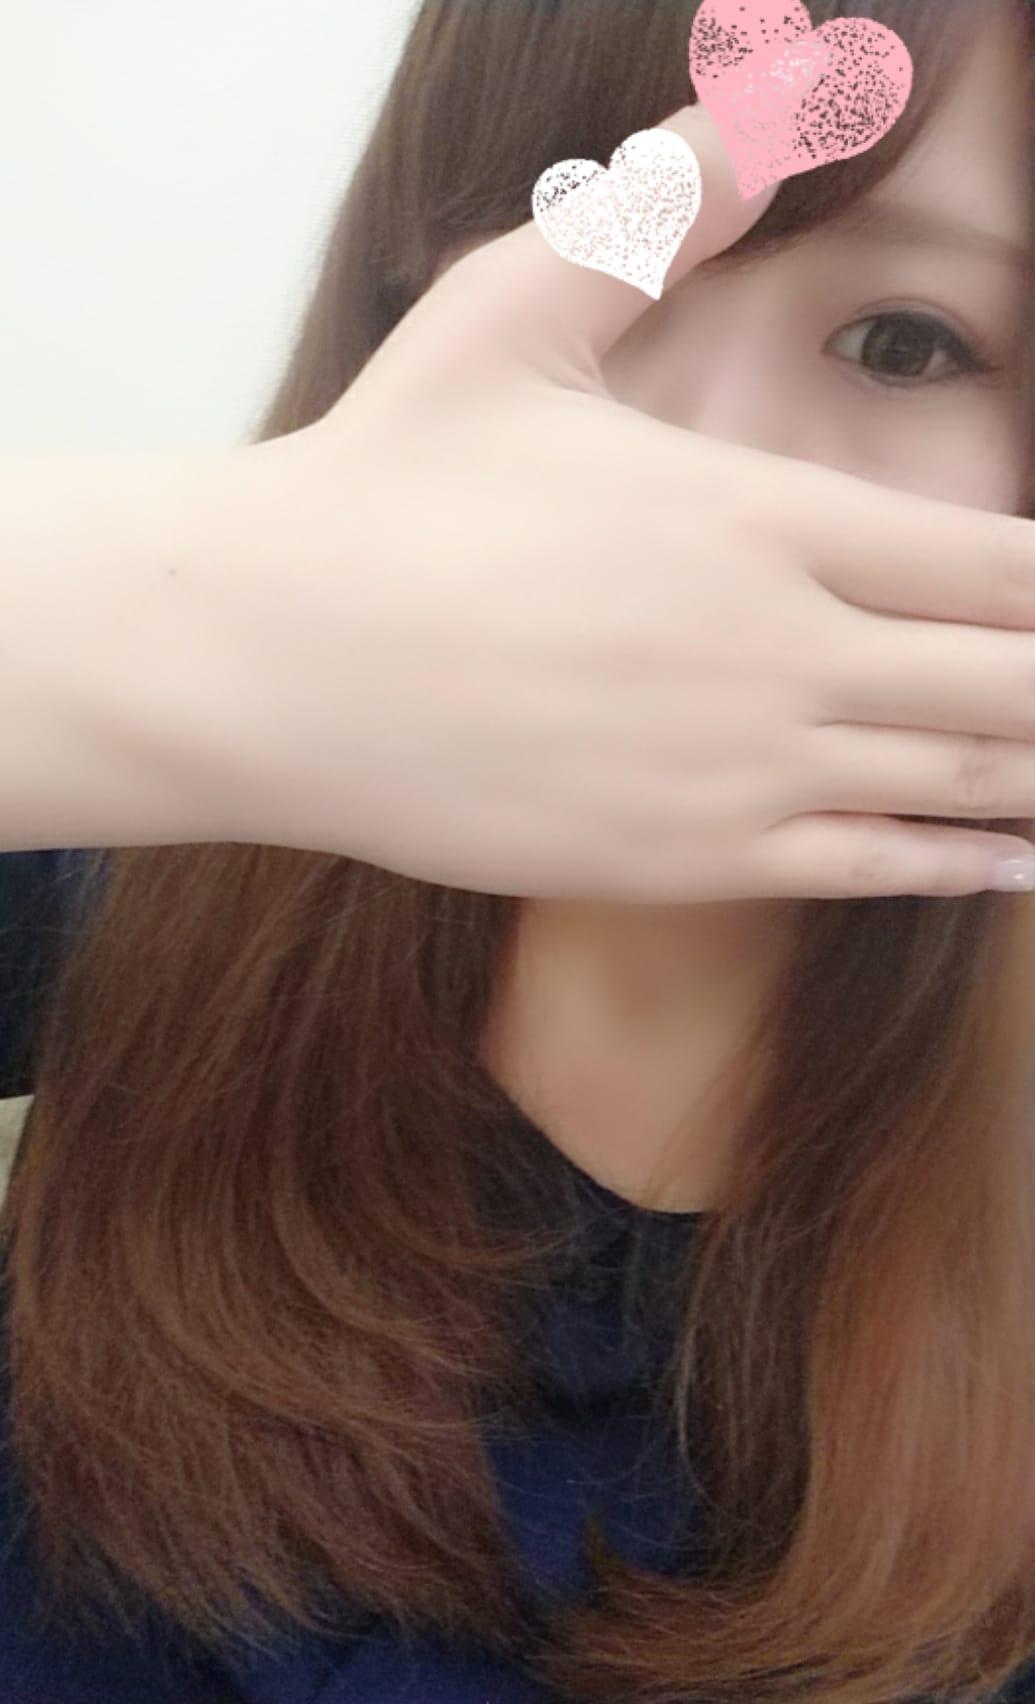 「ハッピー」05/11(金) 18:01 | コハルの写メ・風俗動画